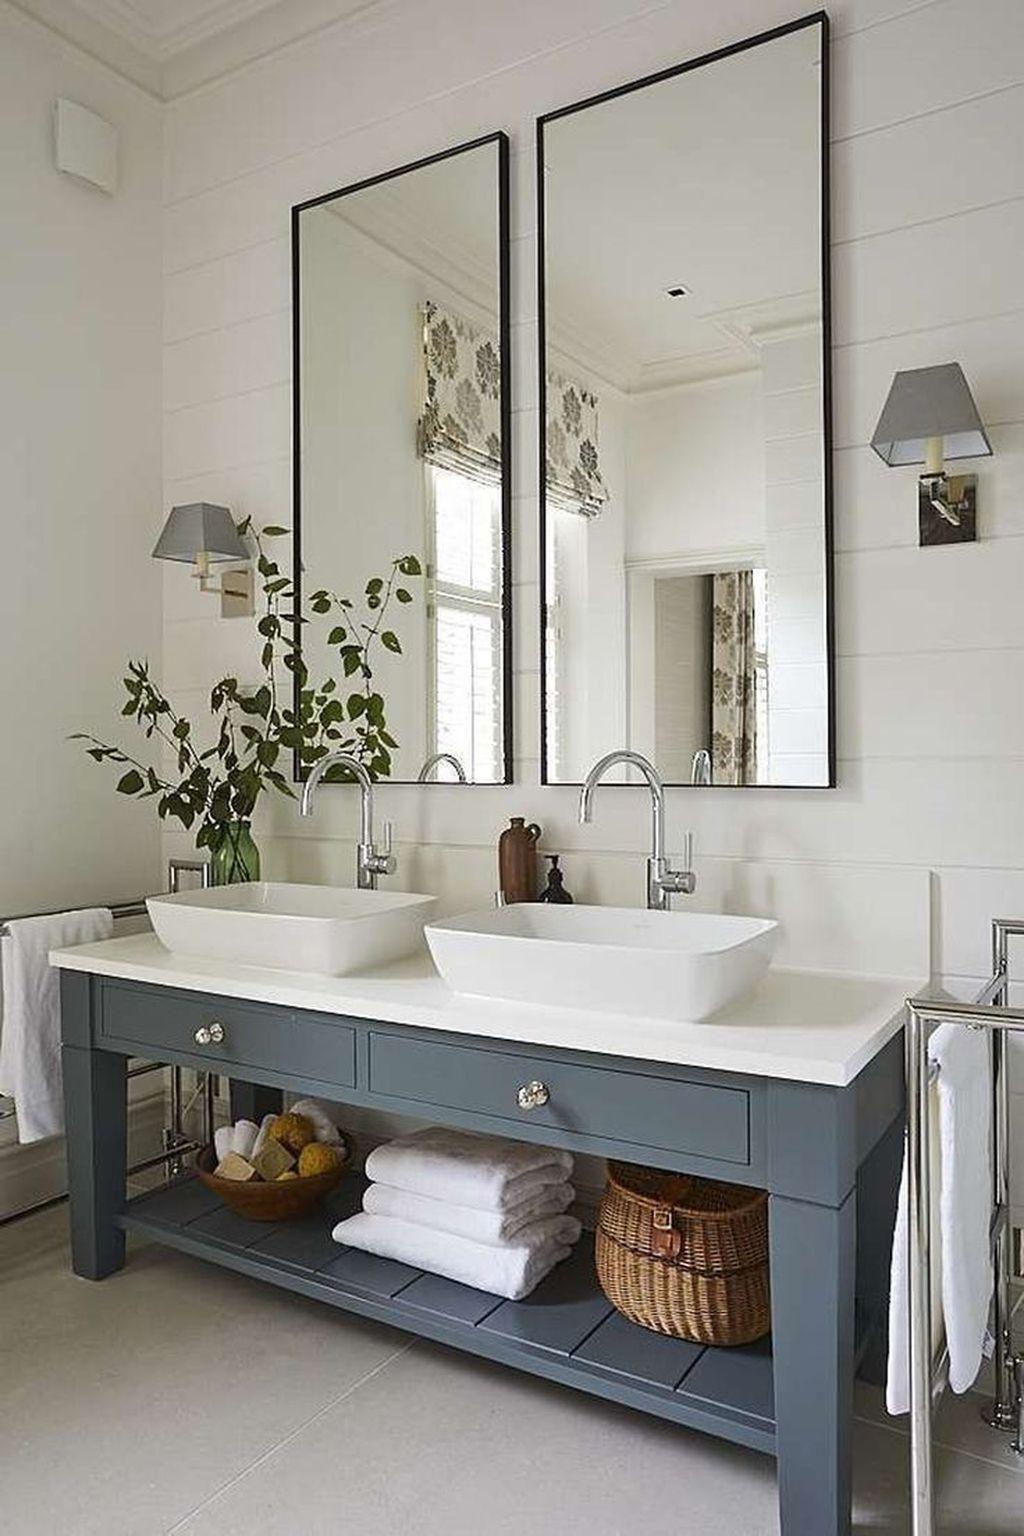 30 Fabulous Modern Farmhouse Bathroom Vanity Ideas Bathroom Renovation Designs Modern Farmhouse Bathroom Colorful Bathroom Tile